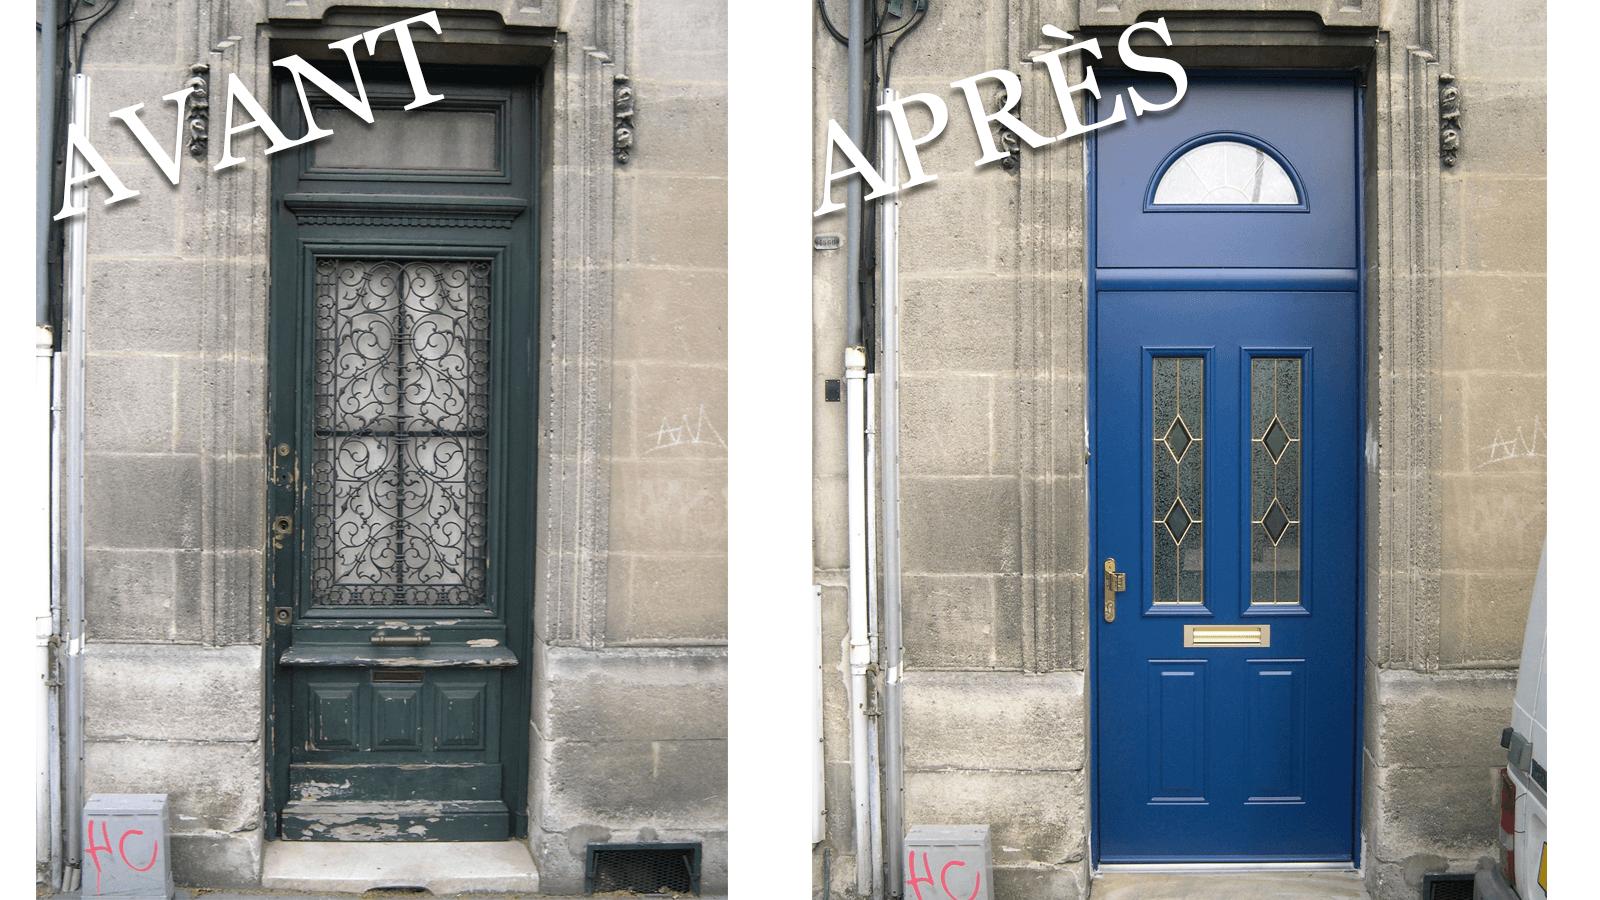 menuiserie patrick couton parempuyre produits services portes exterieur diapo 07 - Portes d'entrée